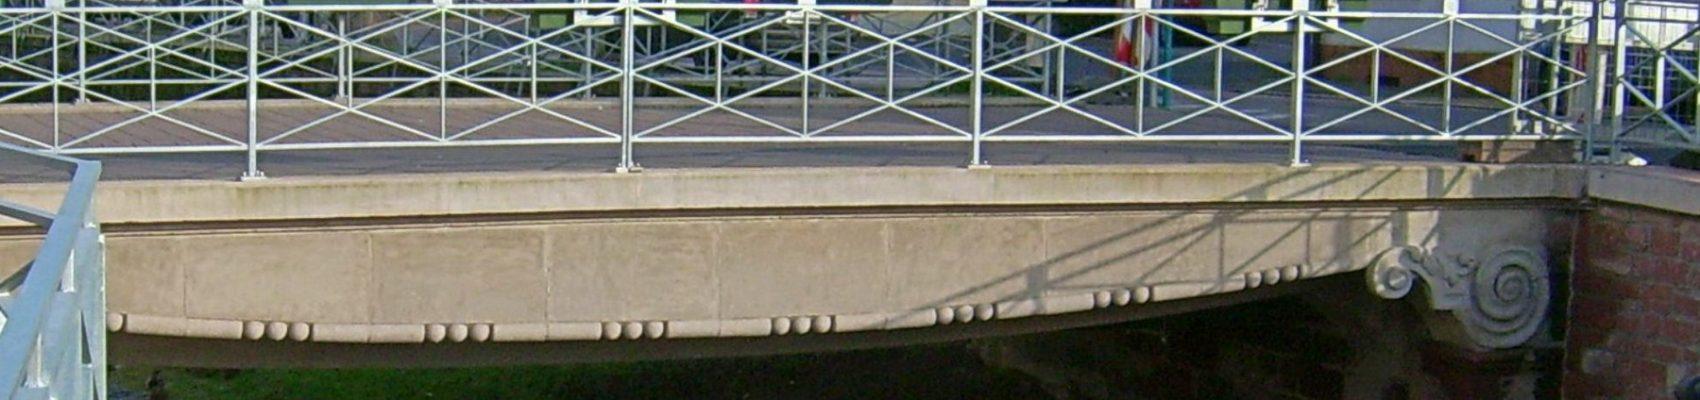 Sehenswürdigkeiten in Merzig: Seffersbachbrücke